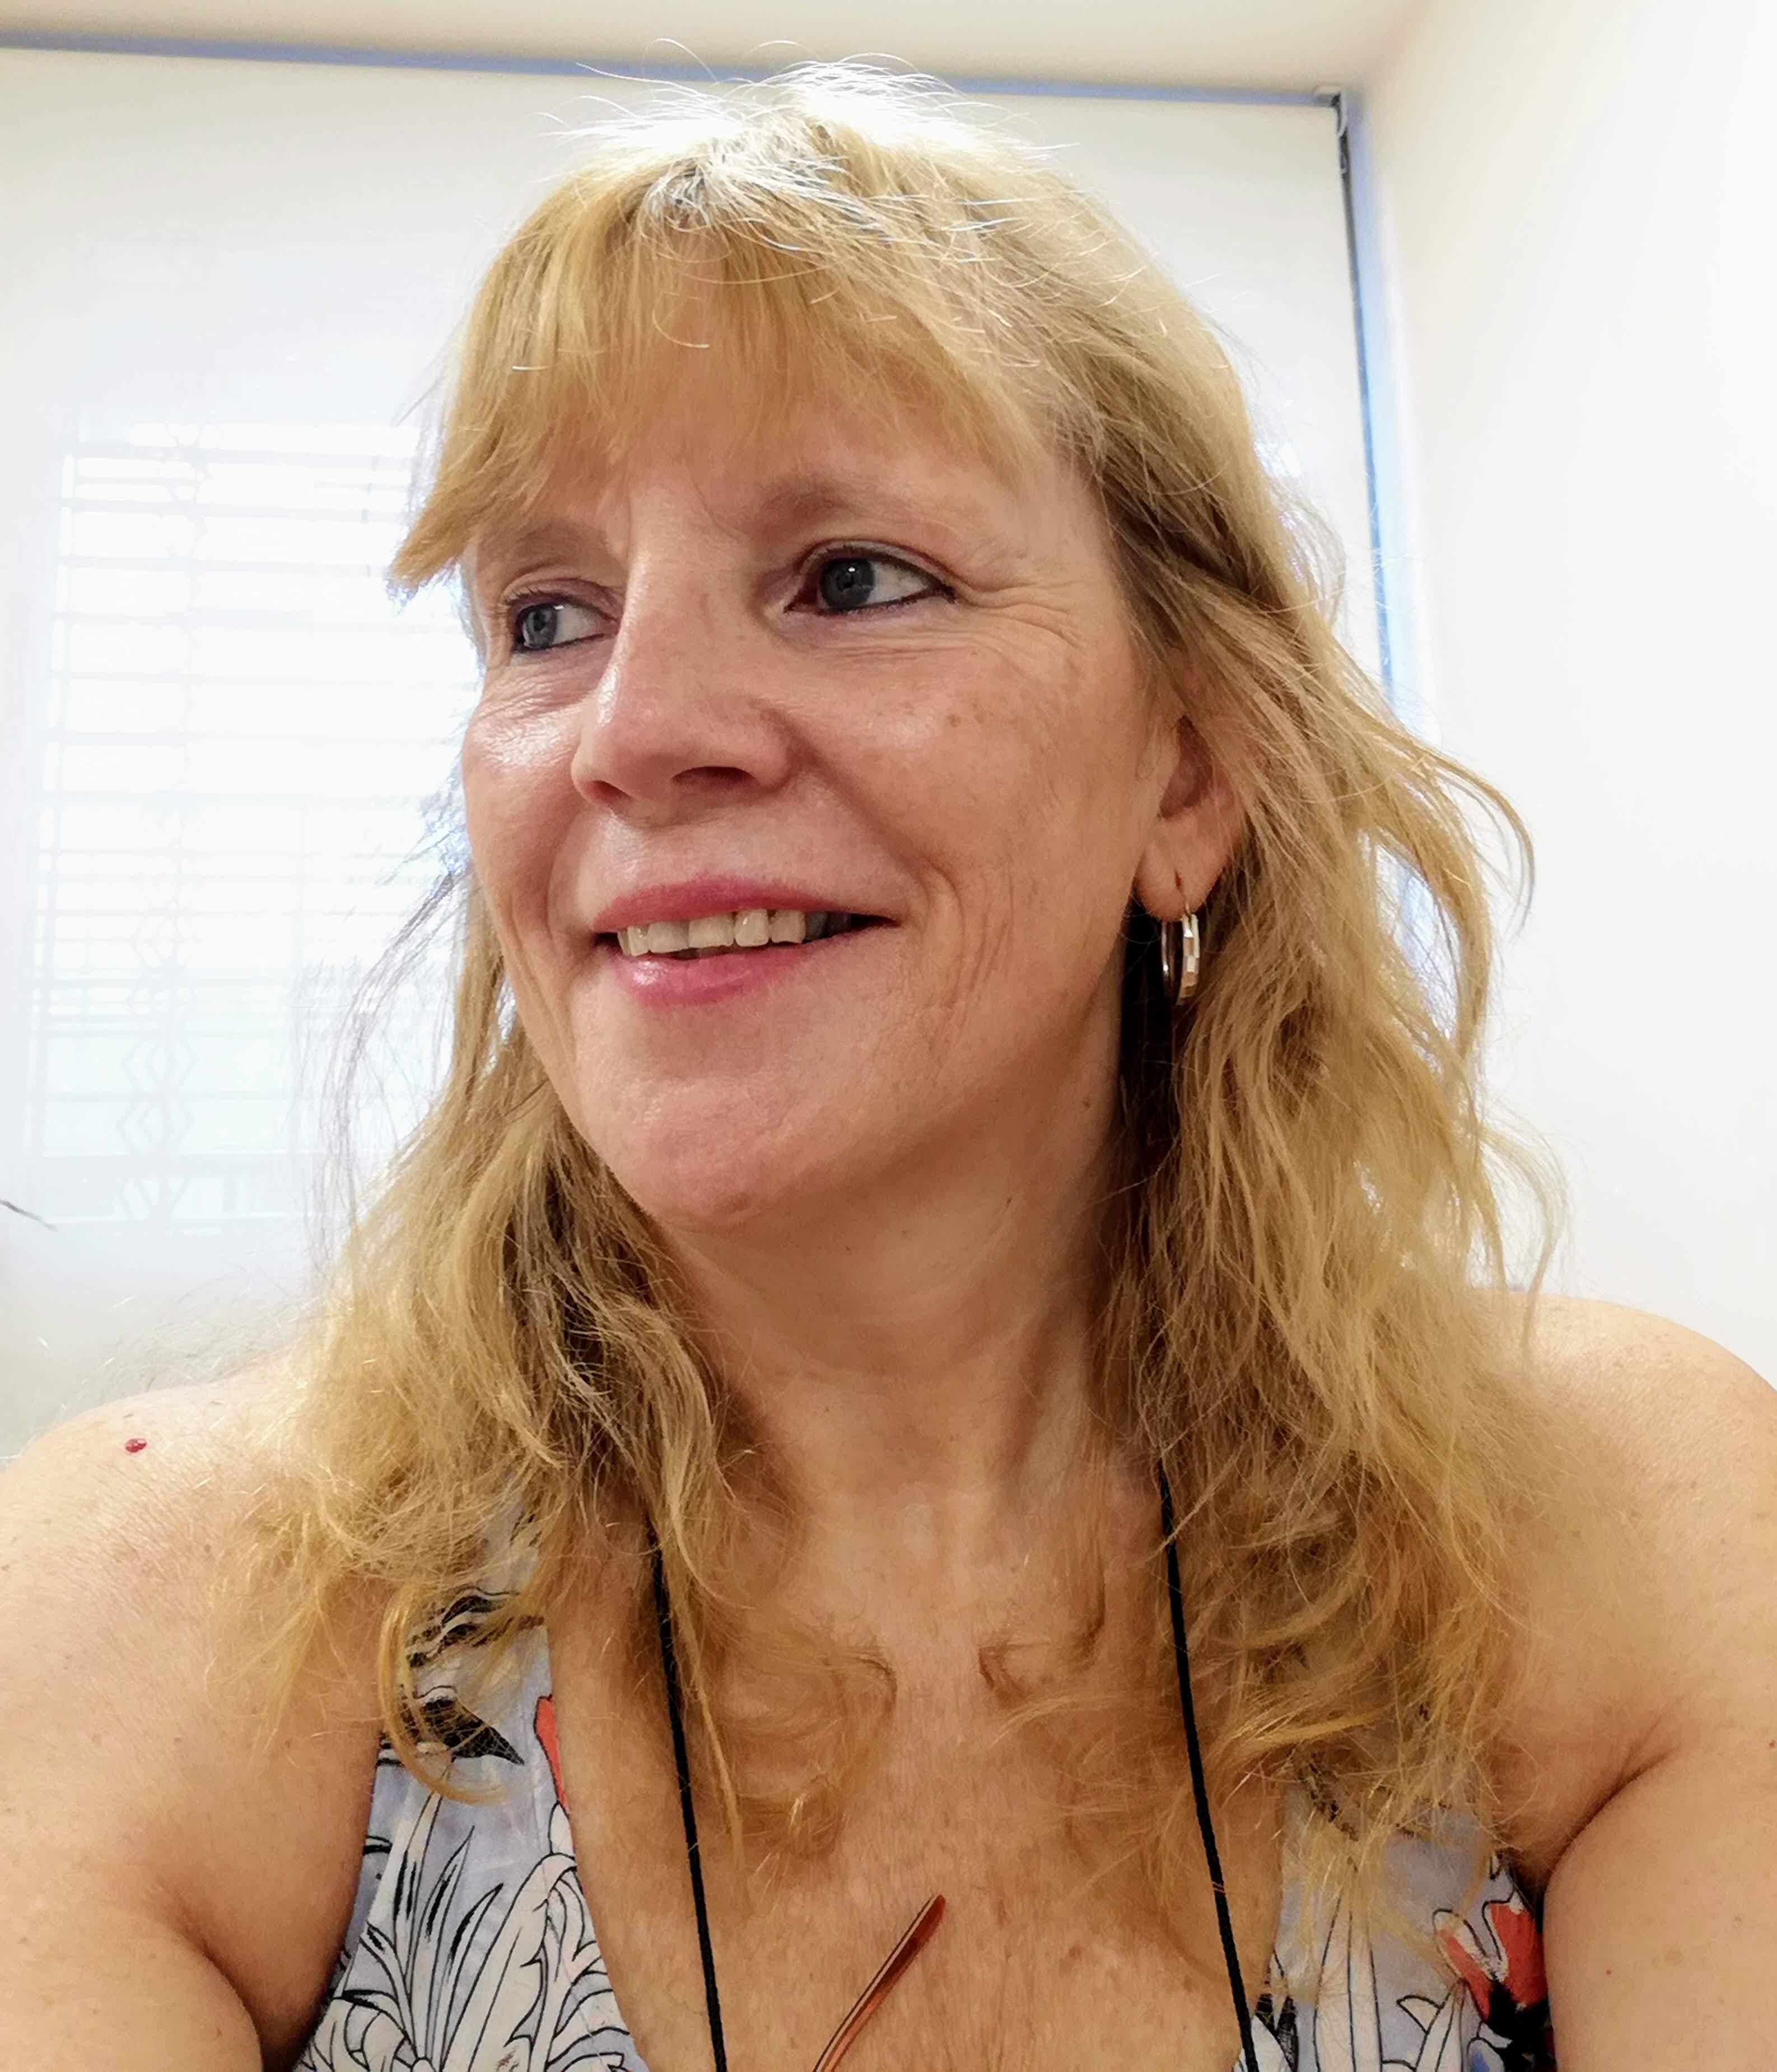 Silvia Dittler, Argentina – Directiva y Gerente en Educación